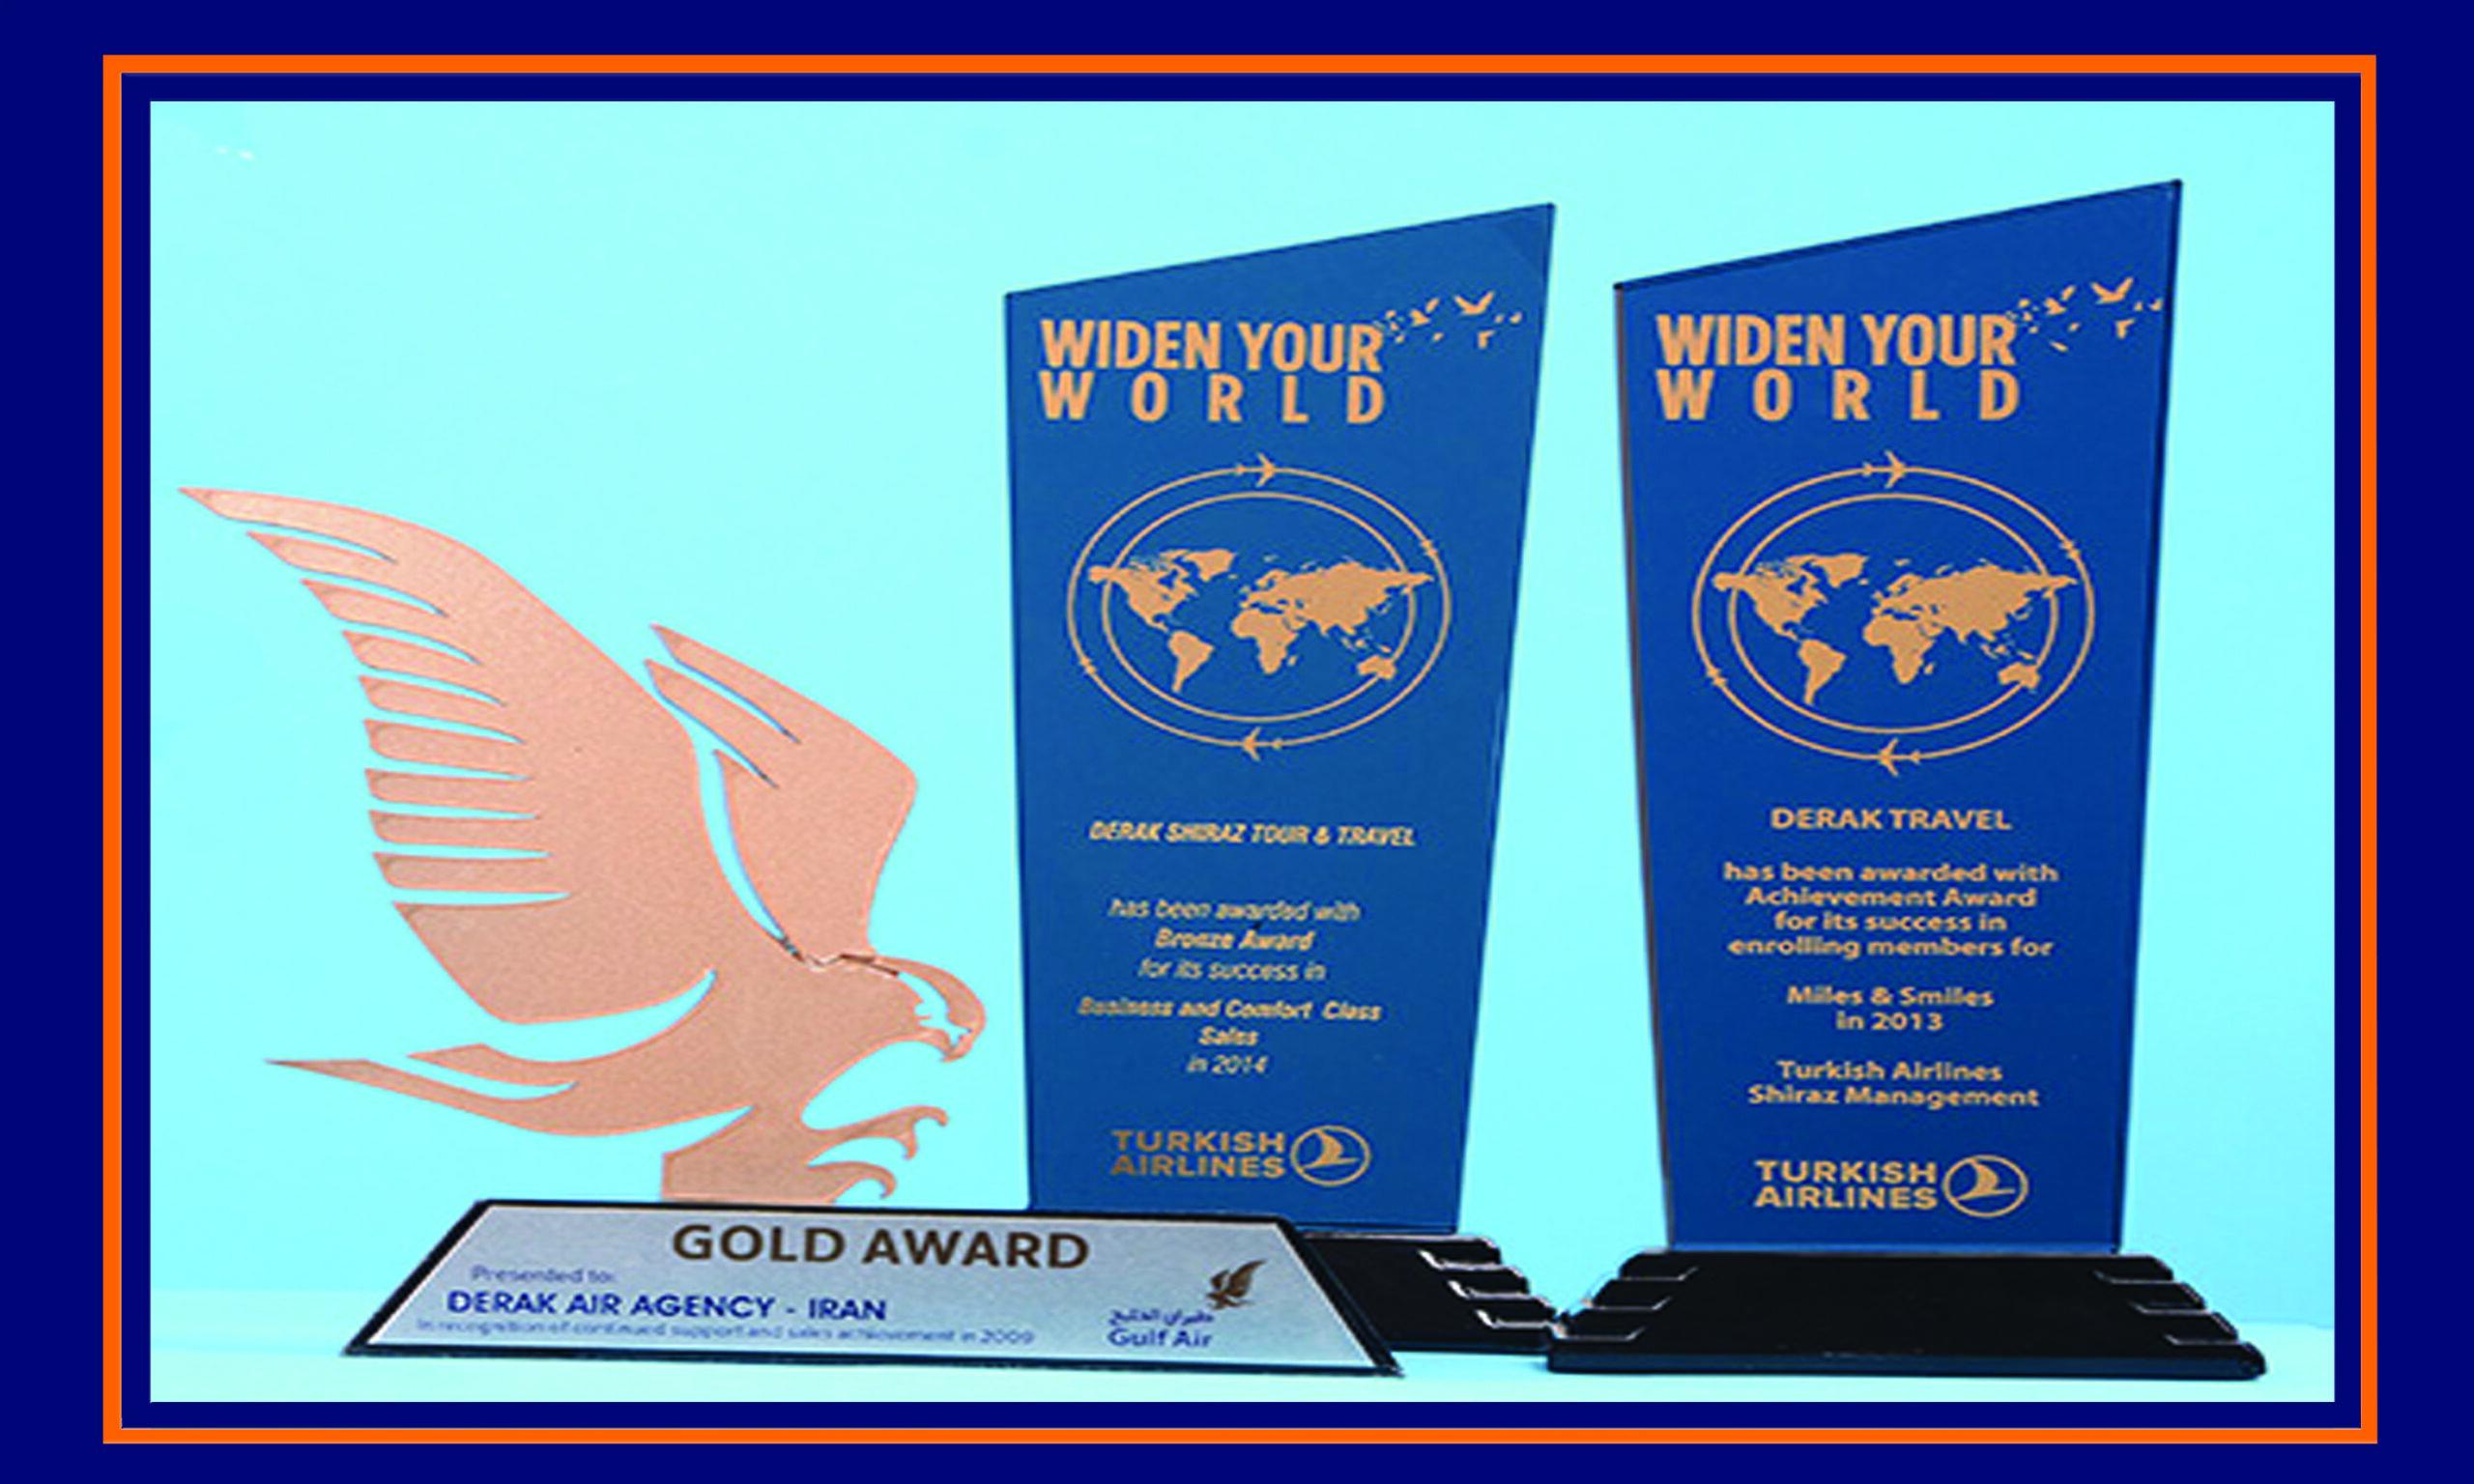 turkish airlines deraktravel award